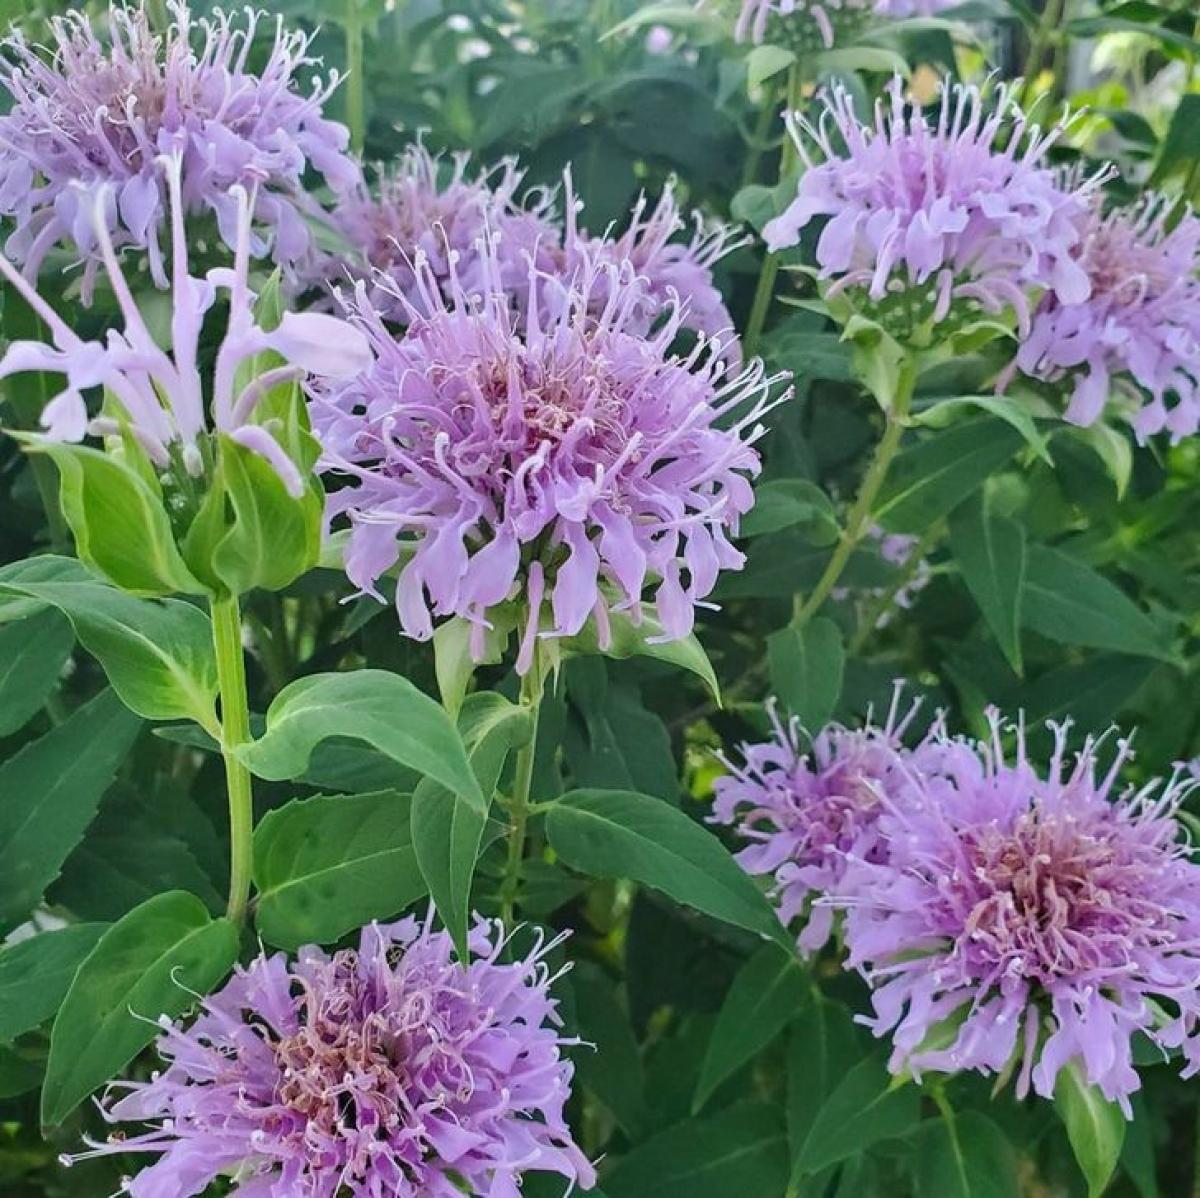 Cây dầu dưỡng ong hay còn được gọi là Bee Balm, thu hút chim ruồi và ong, nhưng rễ của nó cũng có vai trò quan trọng như một loại thuốc trừ sâu.Chúng chứa thymol, có thể ngăn chặn các loài gây hại dưới lòng đất.